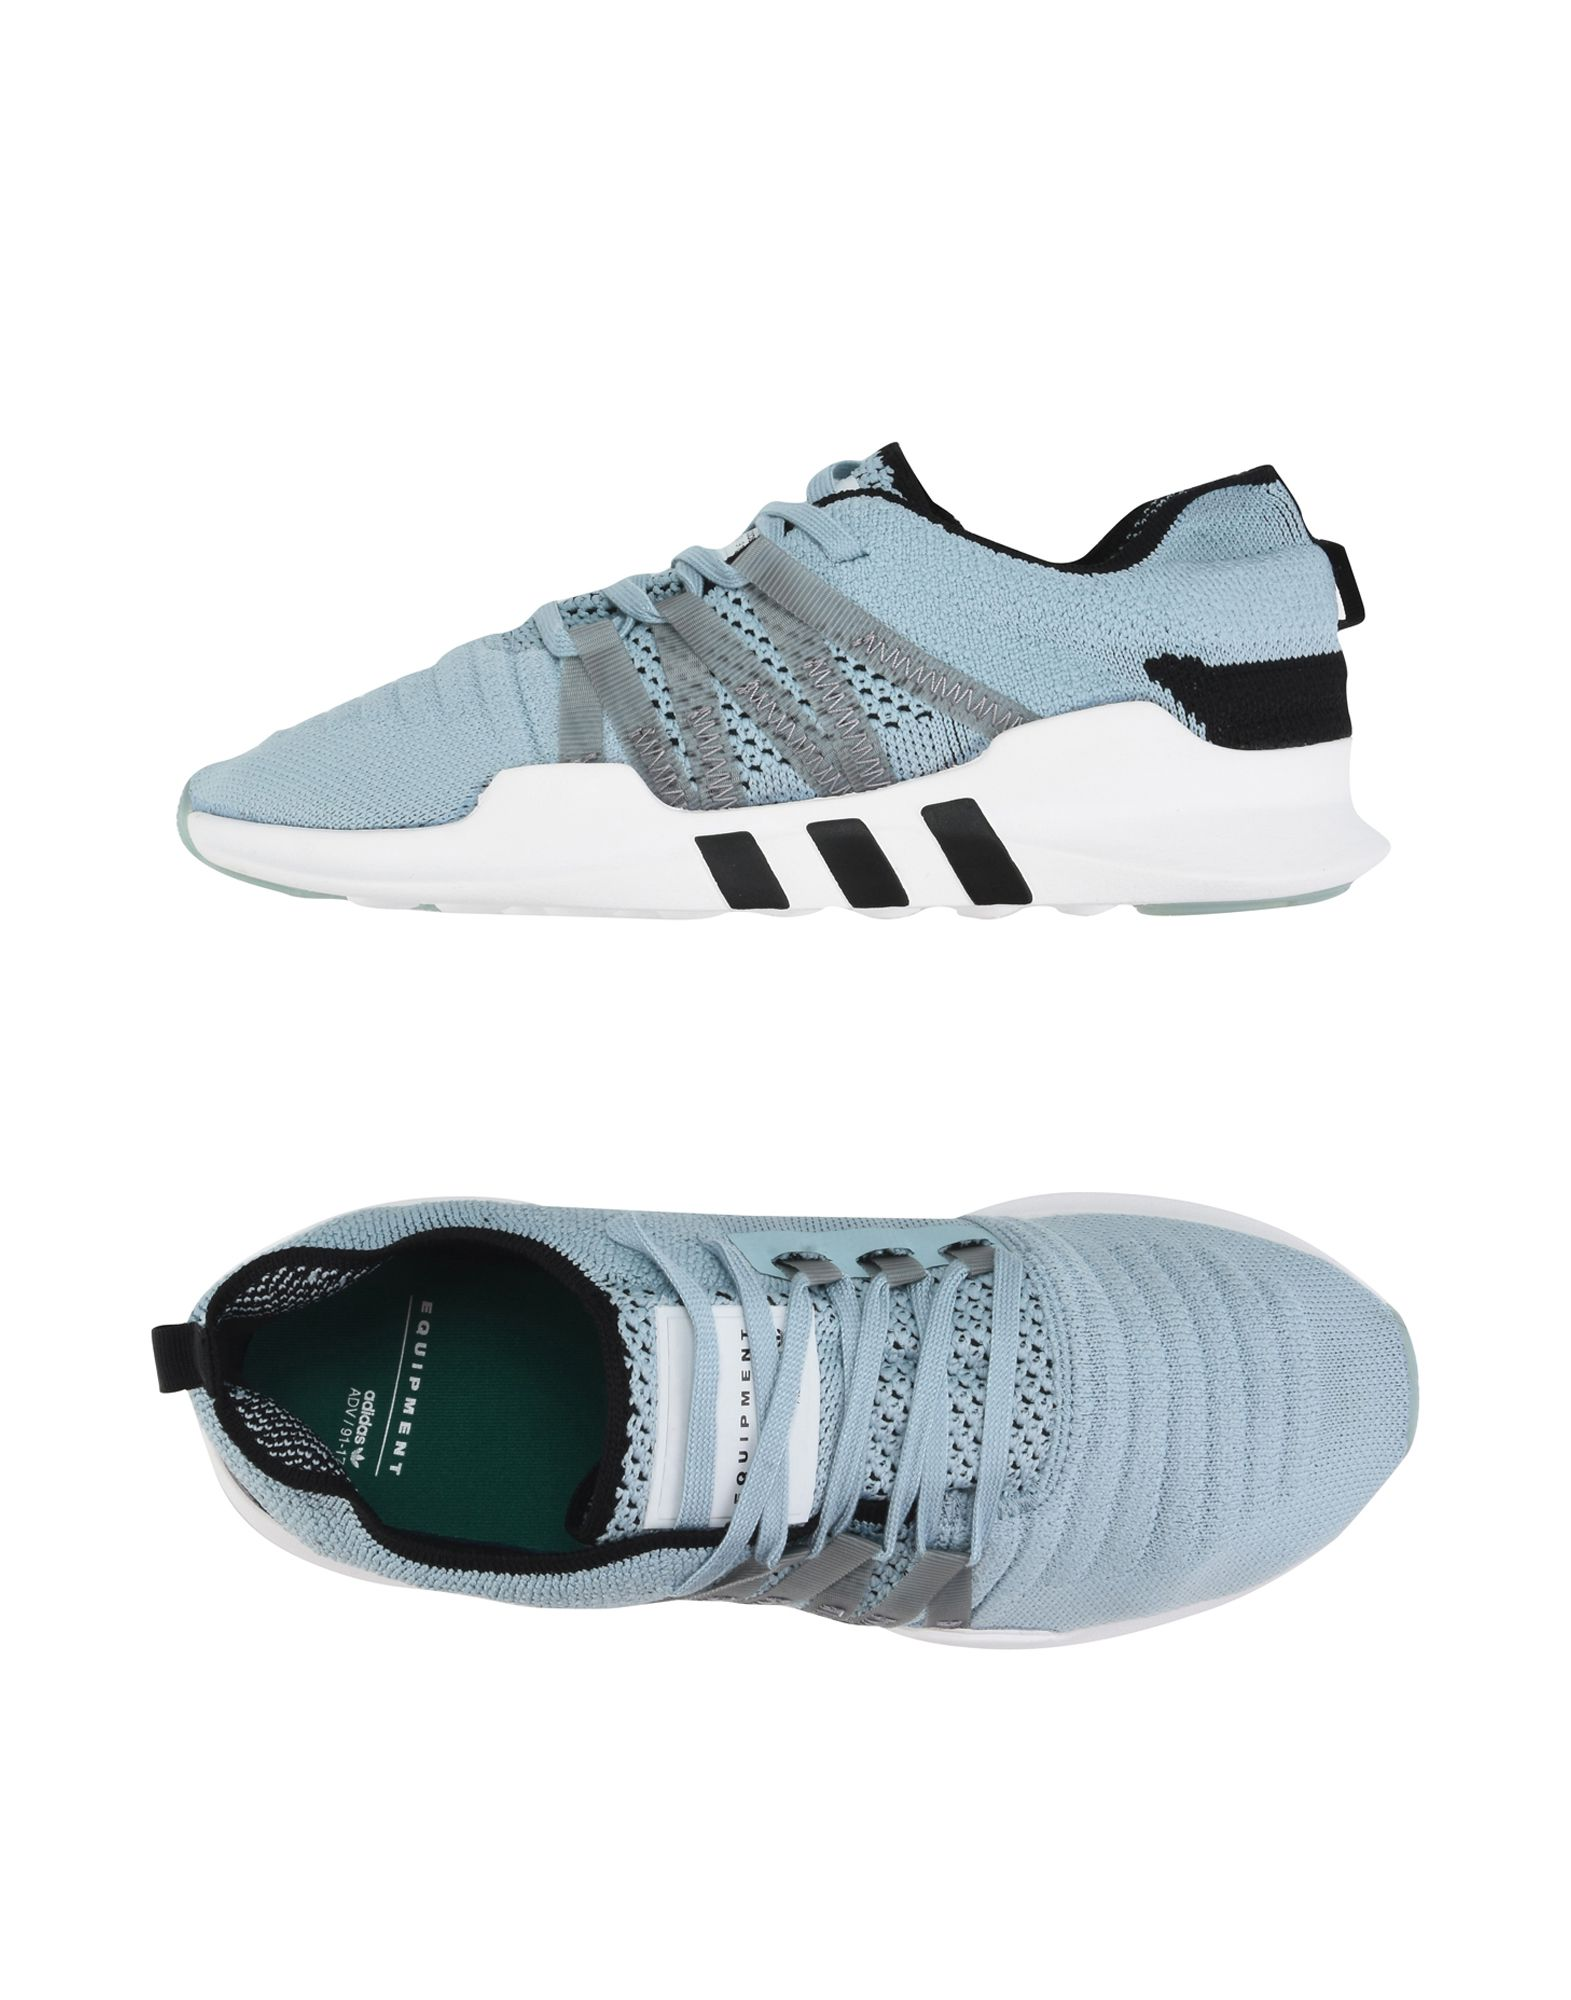 Sneakers Adidas Originals Eqt Racing Adv Pk W - Donna - 11435539LP